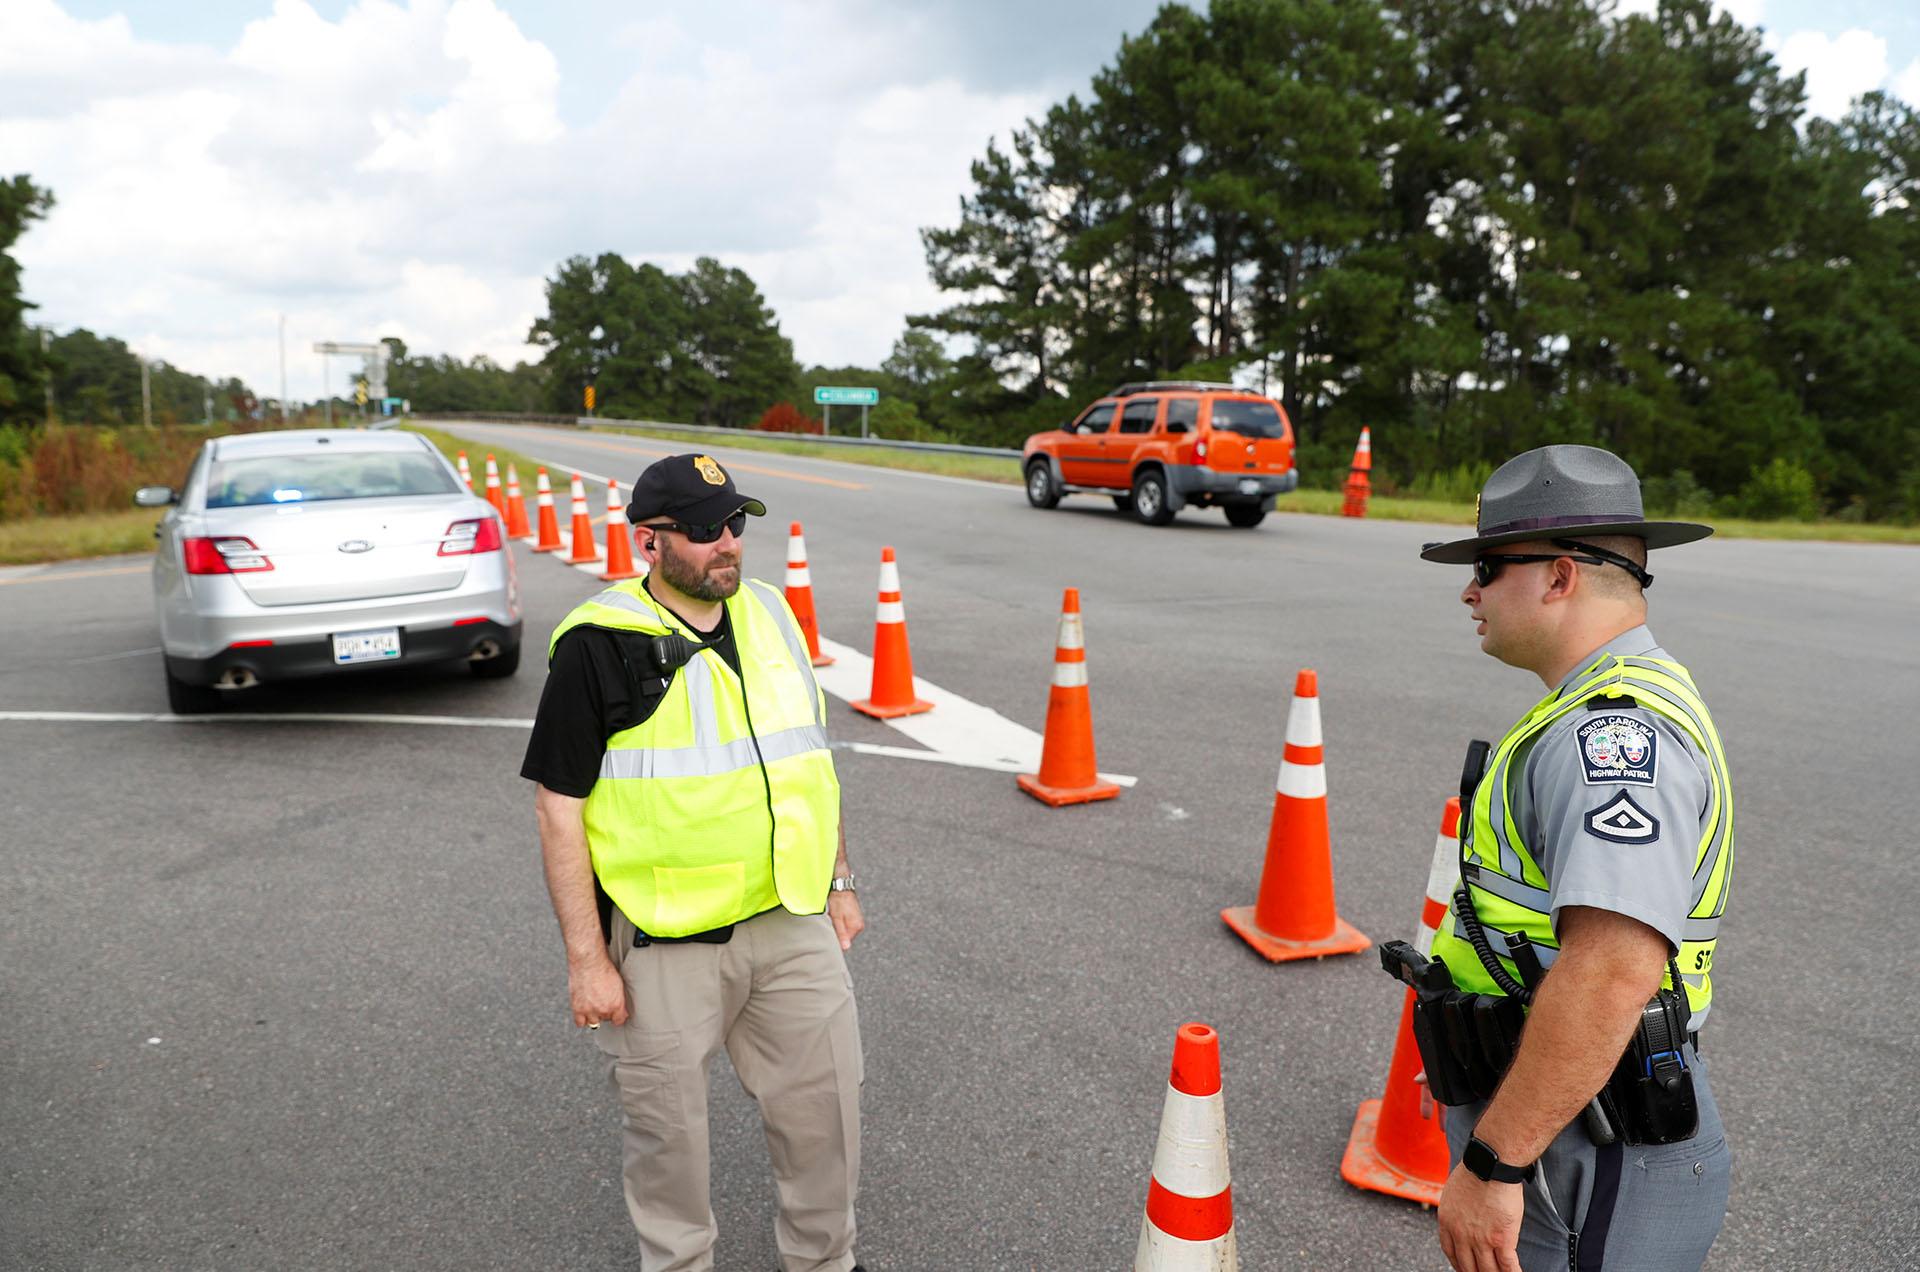 Los agentes de policía vigilan el tráfico en una entrada a la Interestatal 26 antes de la llegada del huracán Florence cerca de Orangeburg, Carolina del Sur (REUTERS/Chris Keane)